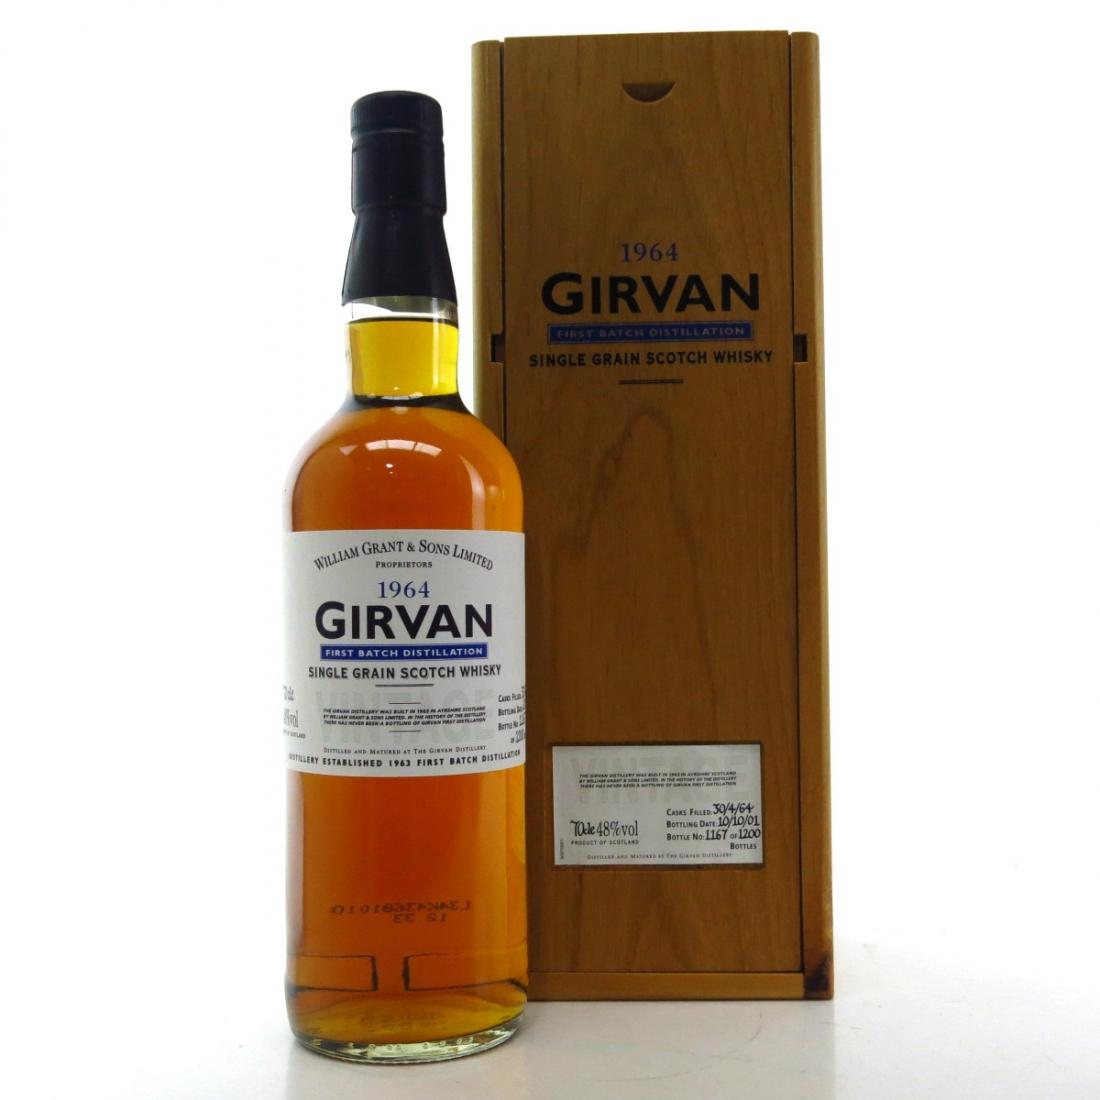 Girvan 1964 First Batch Distillation